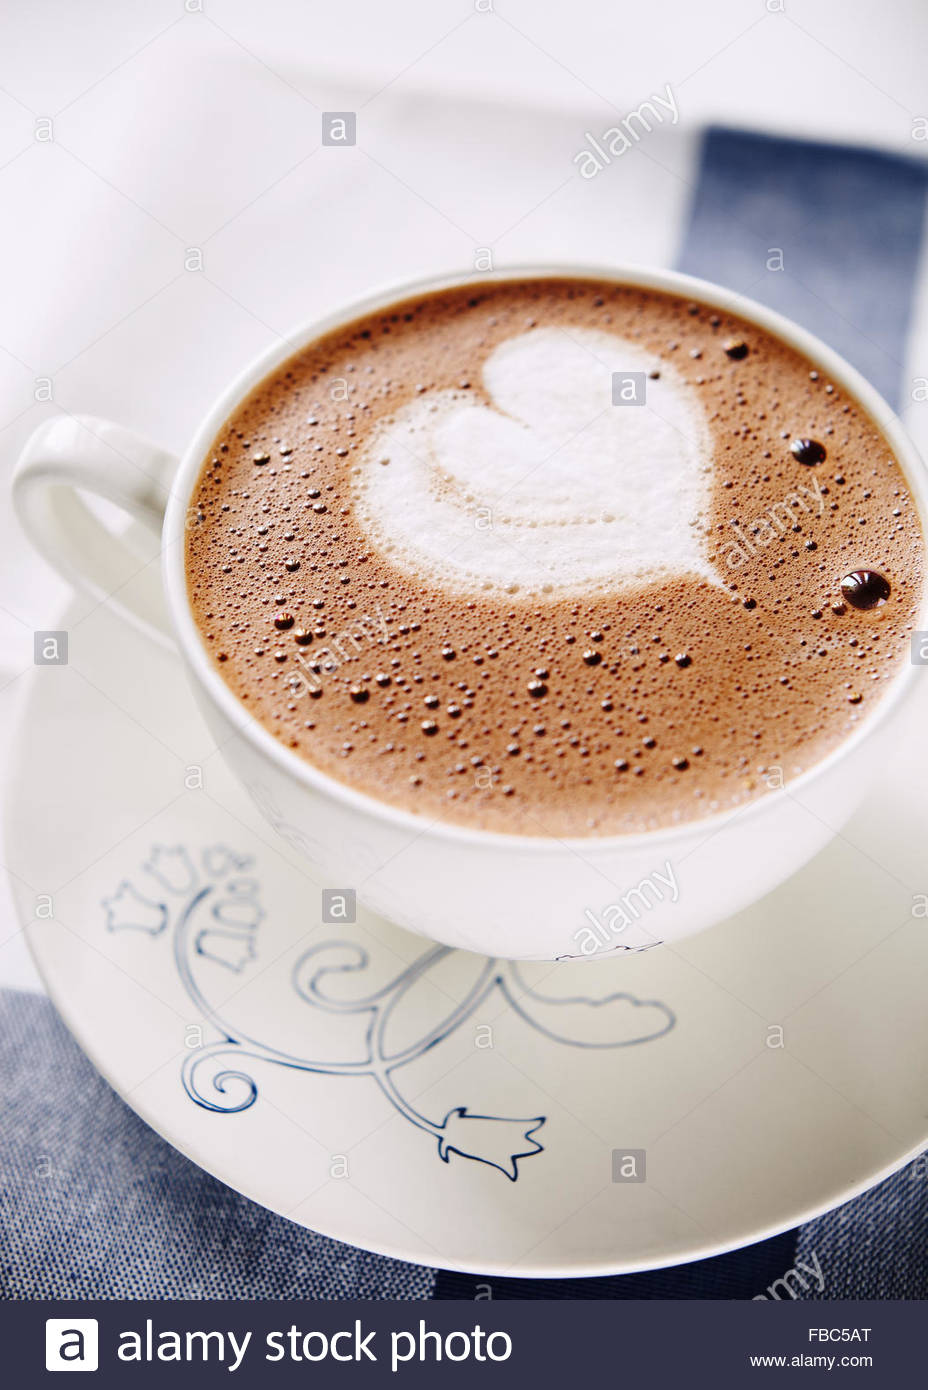 Tazza di cioccolata calda con panna montata a forma di cuore Immagini Stock